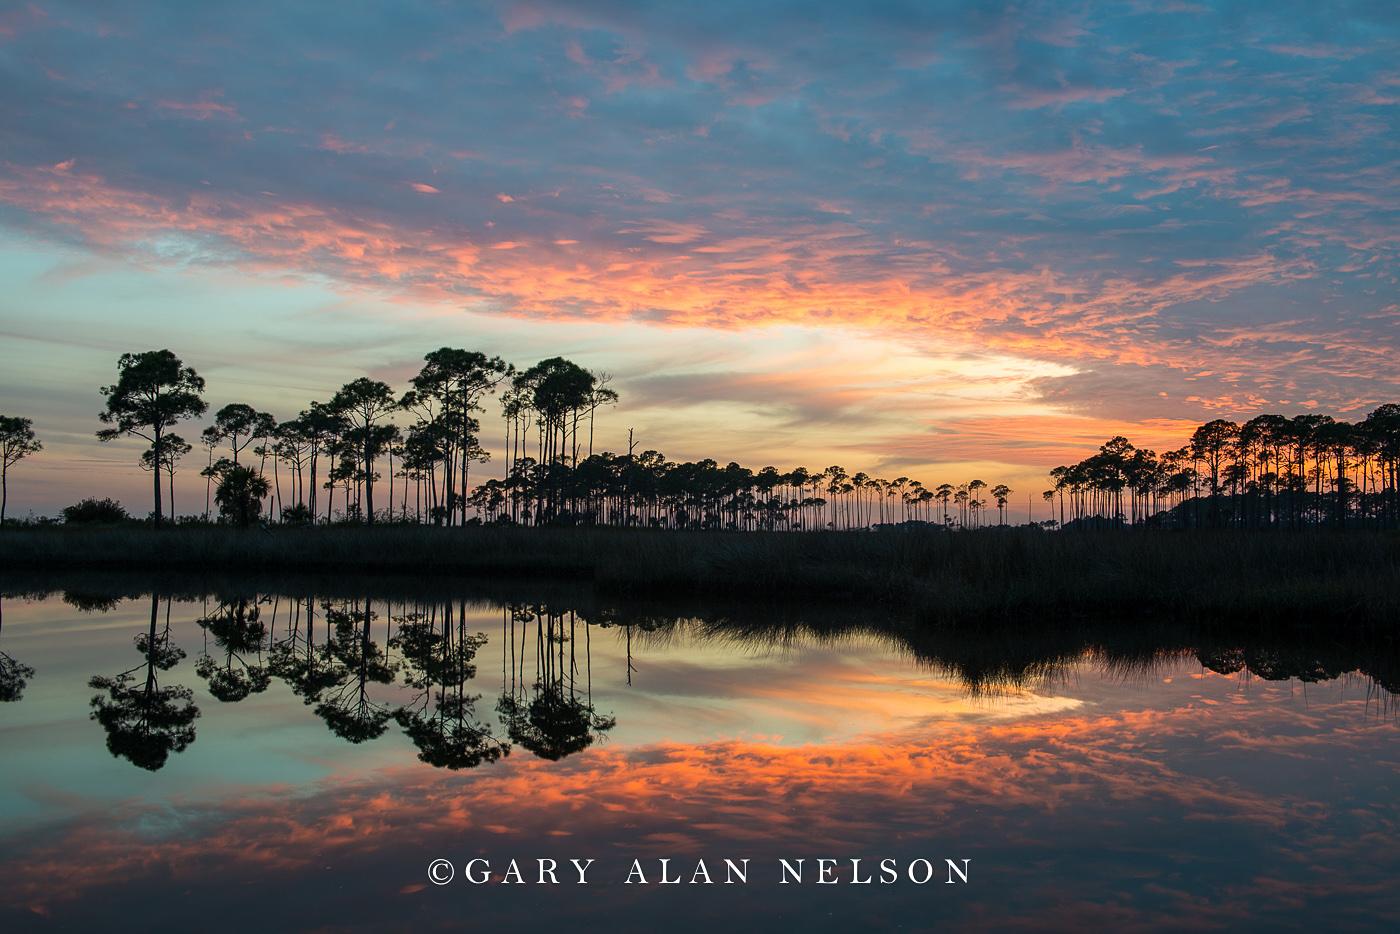 long leaf pines, reflections, sunset, national wildlife refuge, florida, st. marks, photo